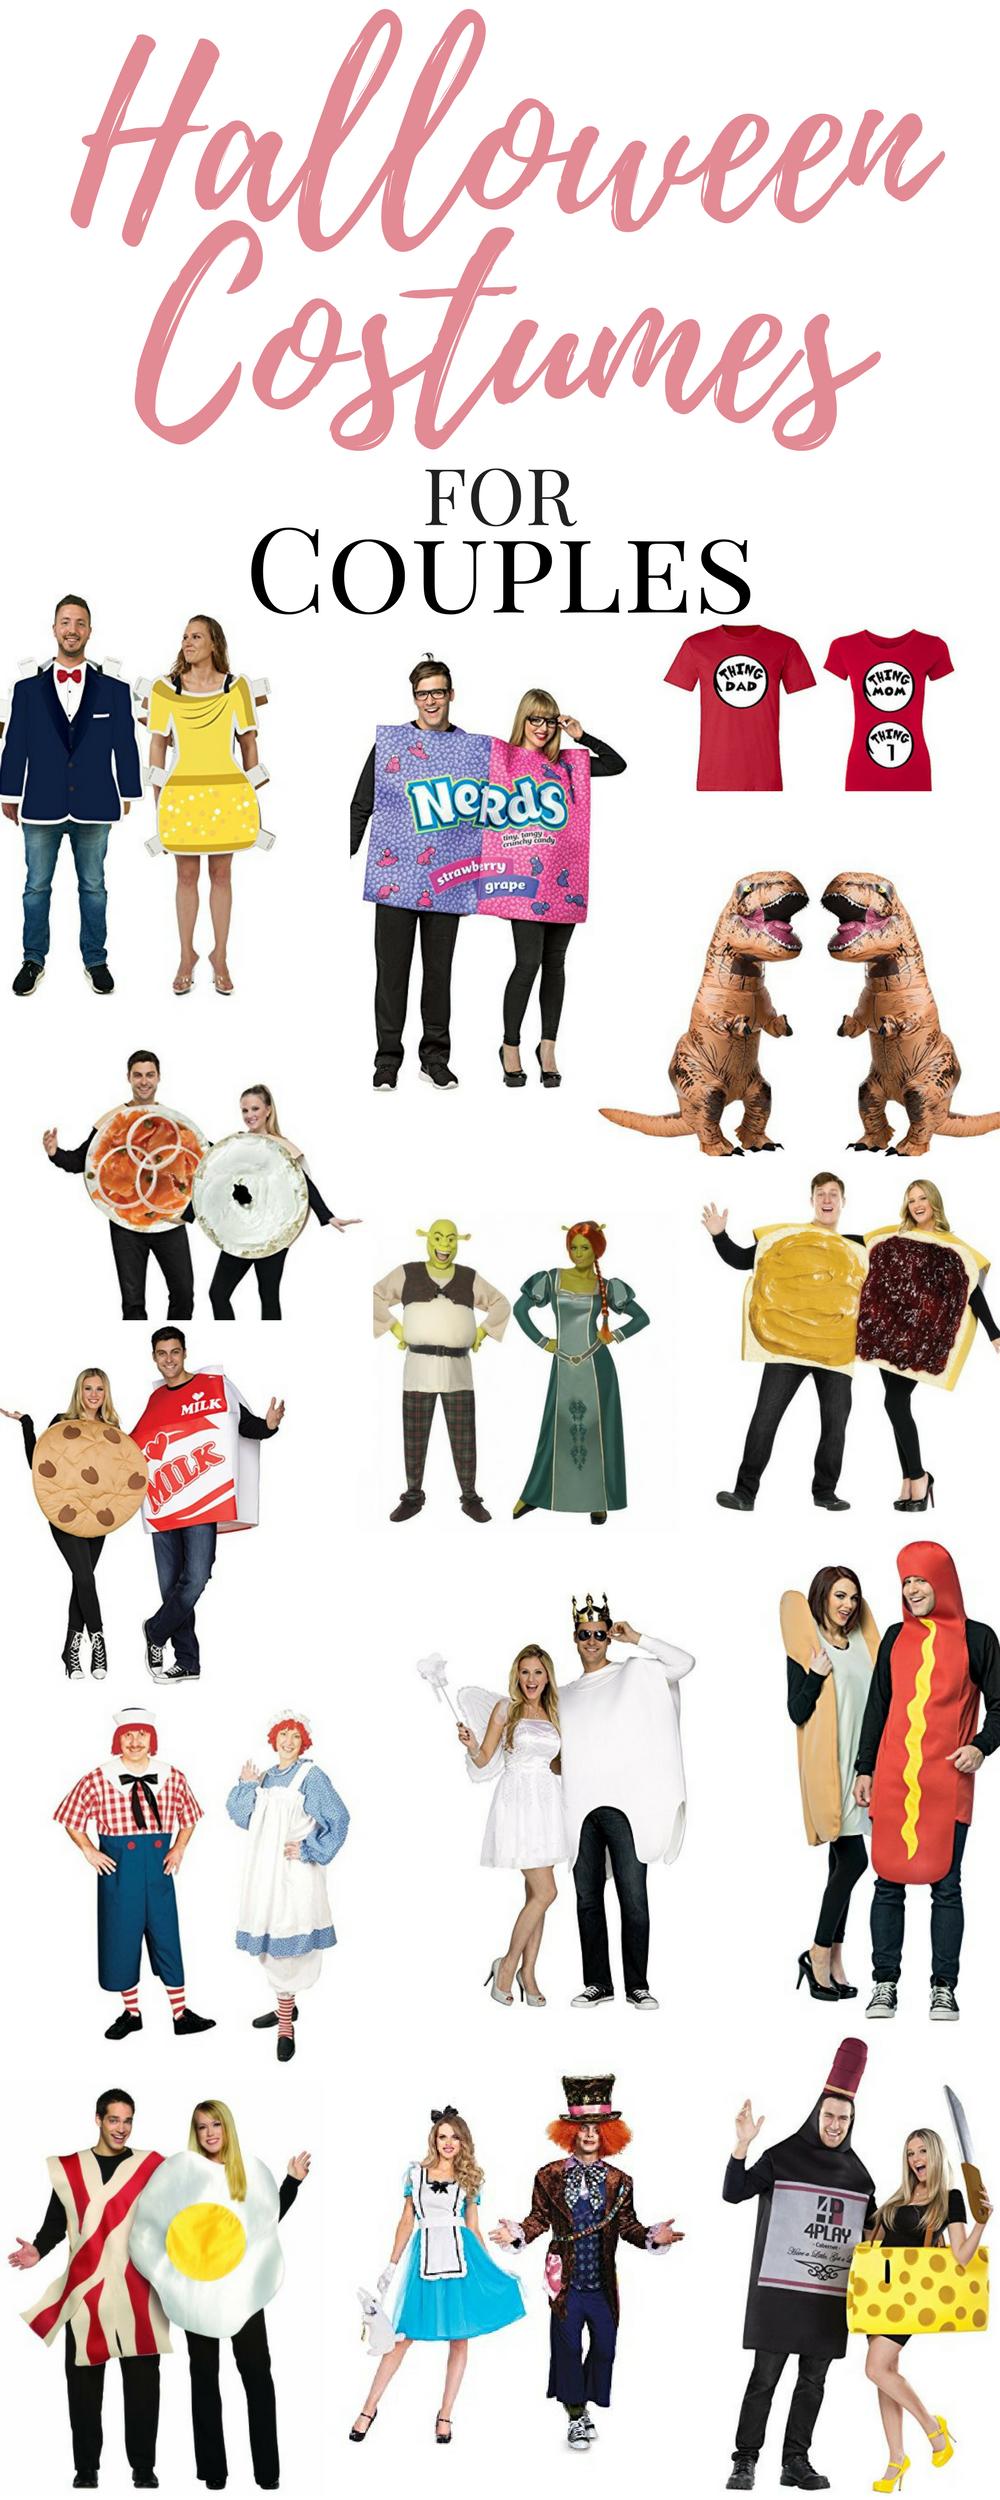 Halloween Costume Ideas For Couples Ourkindofcrazy Com